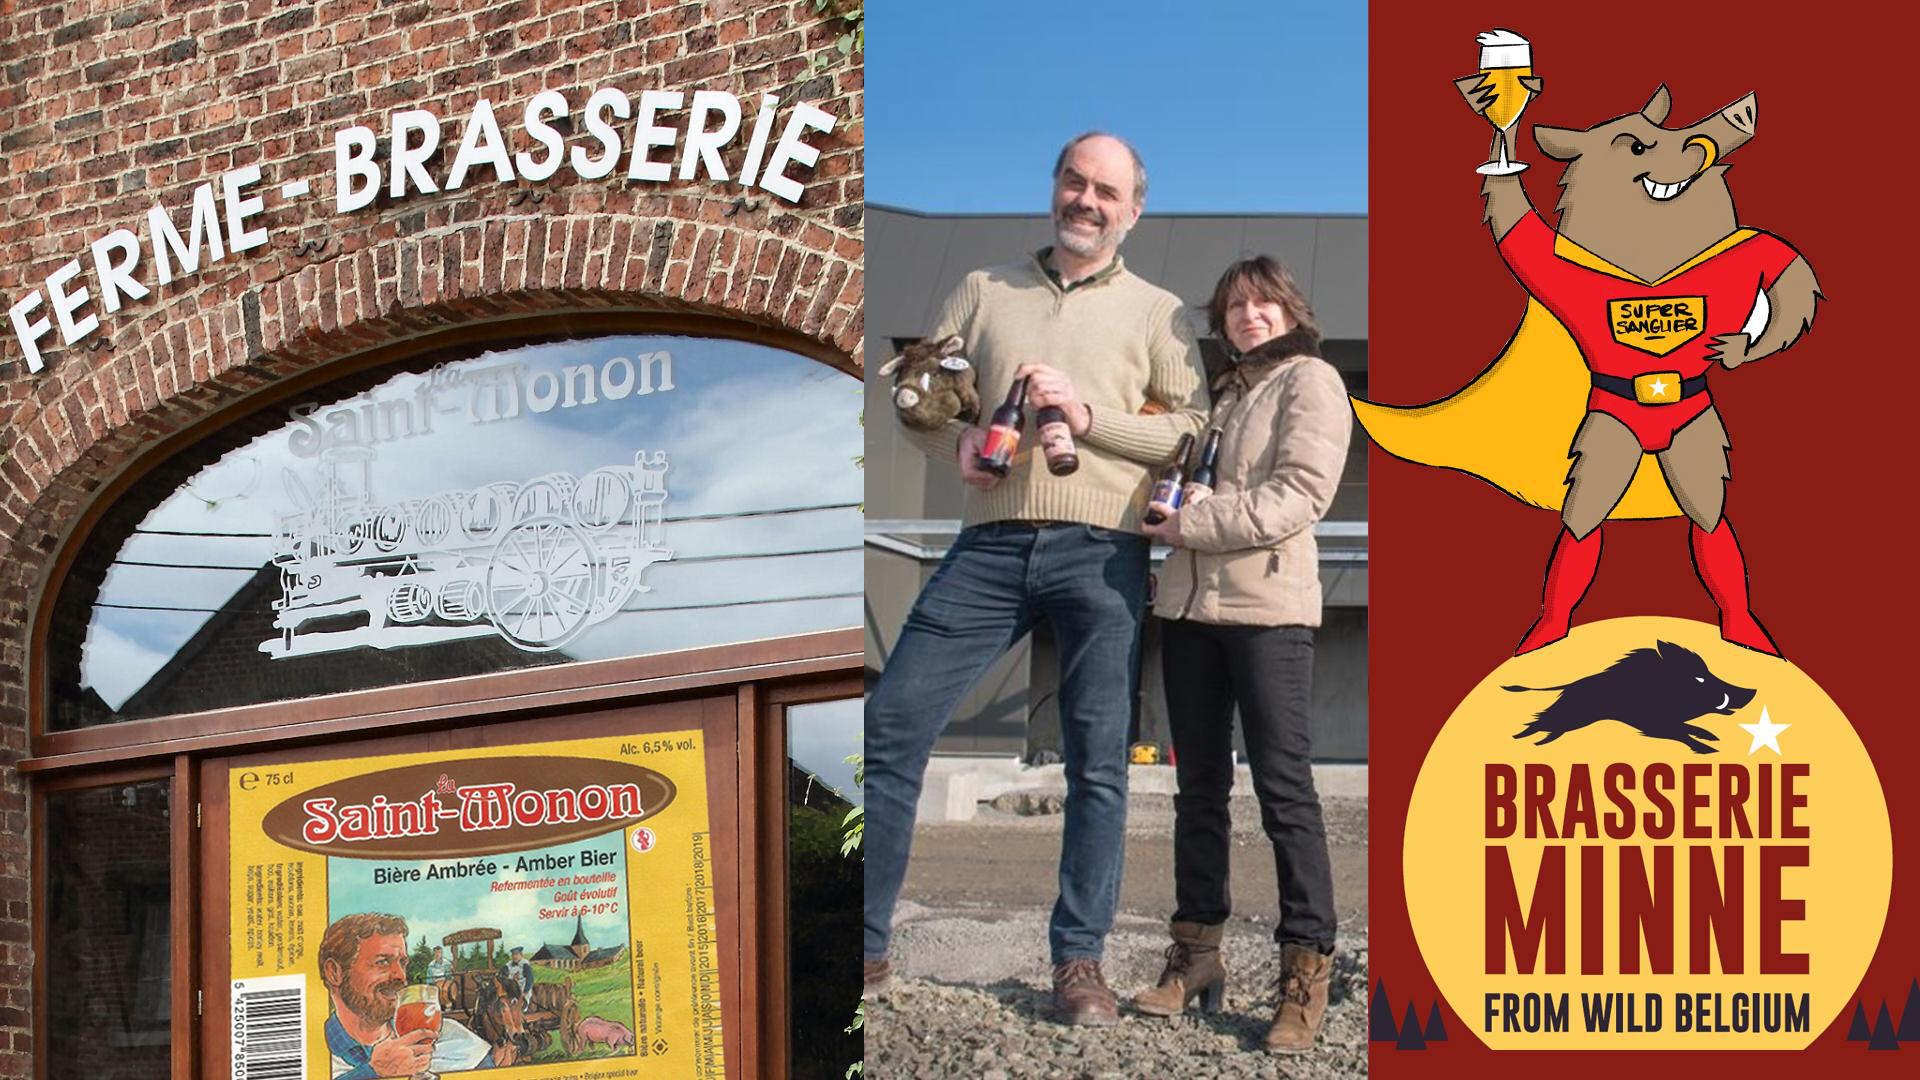 Bezoek brasserie Saint-Monon & brasserie Minne